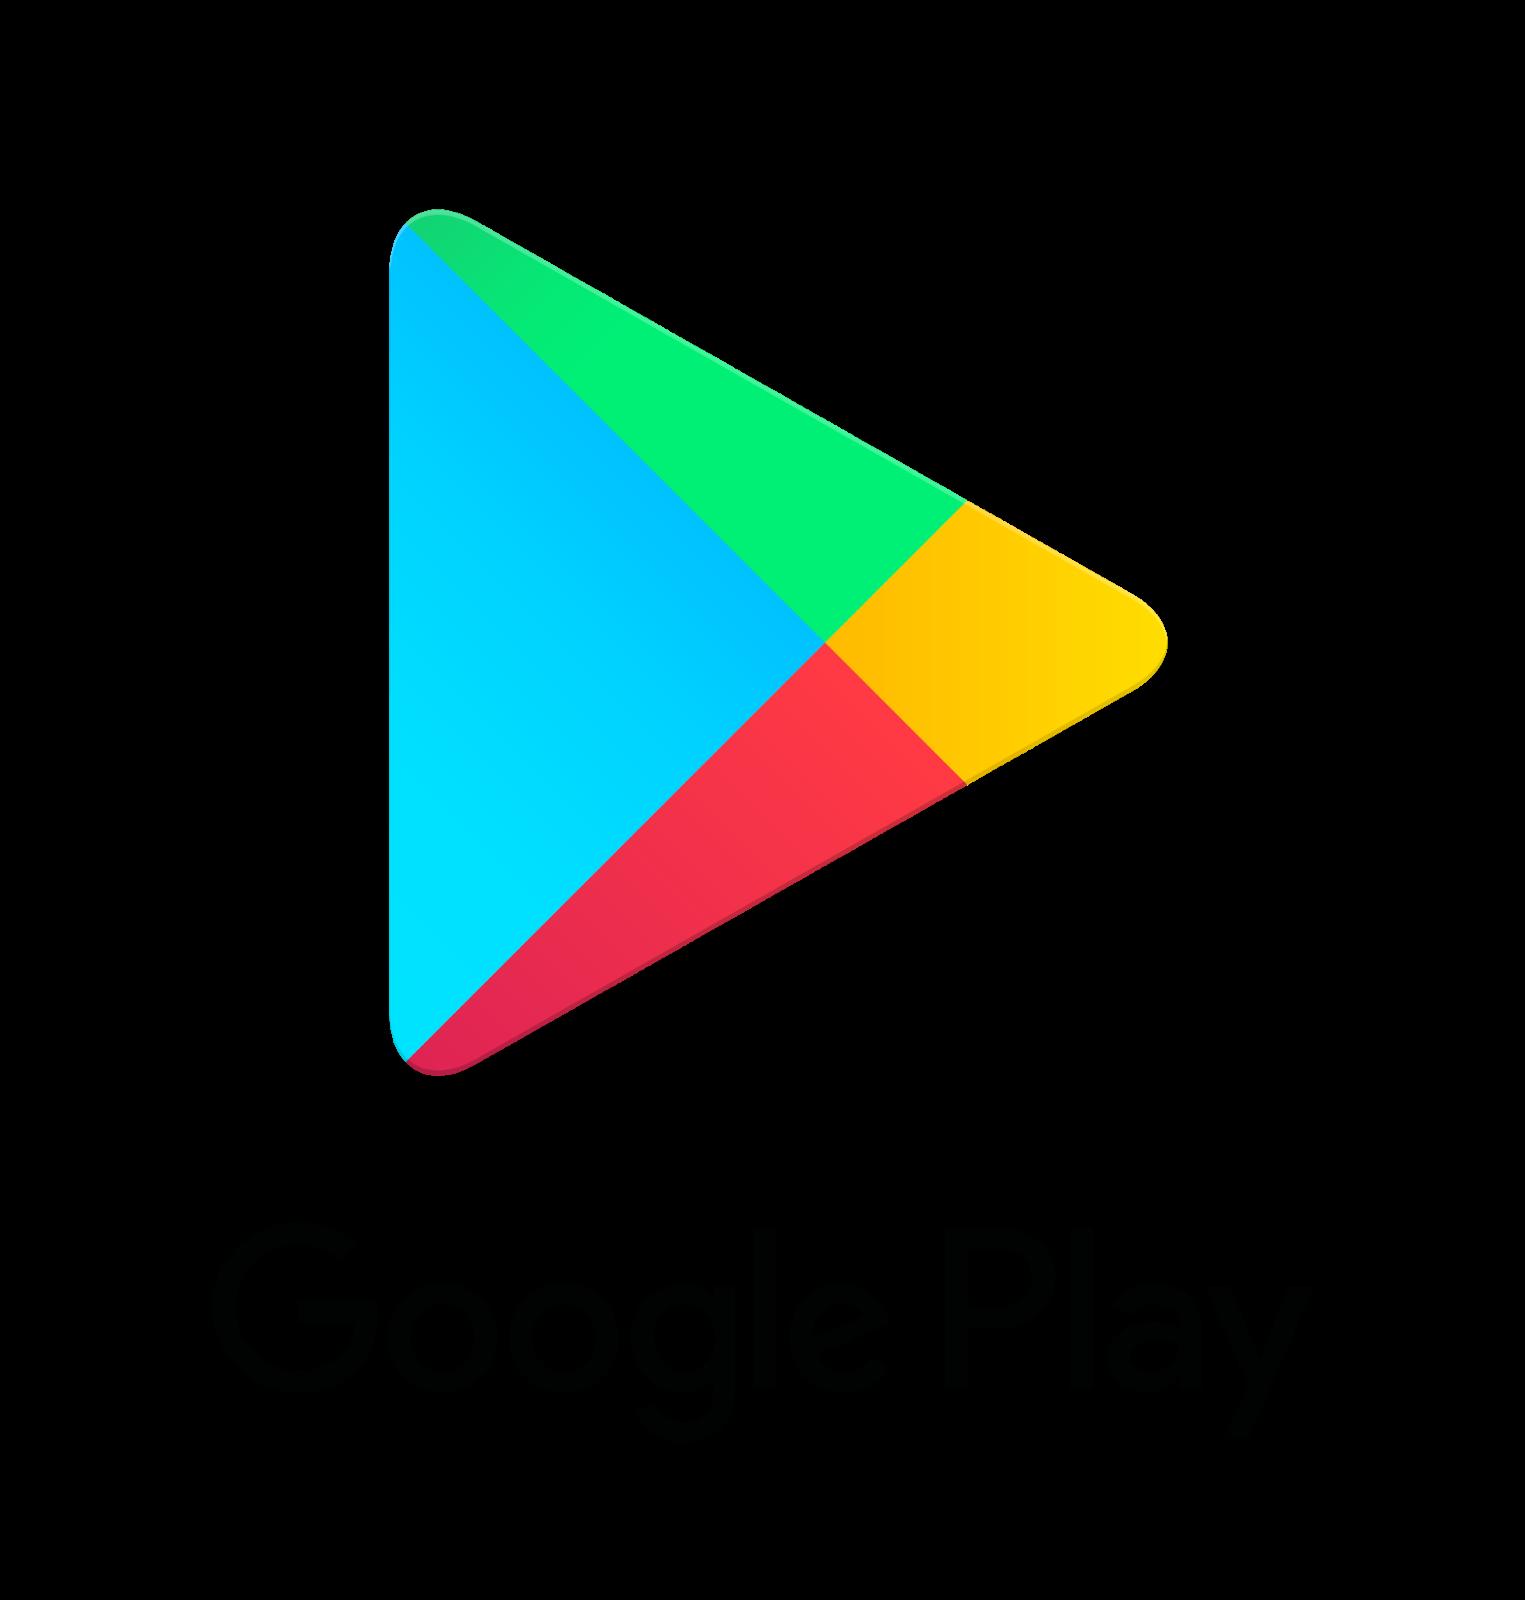 google-play-store-logo-png-transparent-png-logos-10